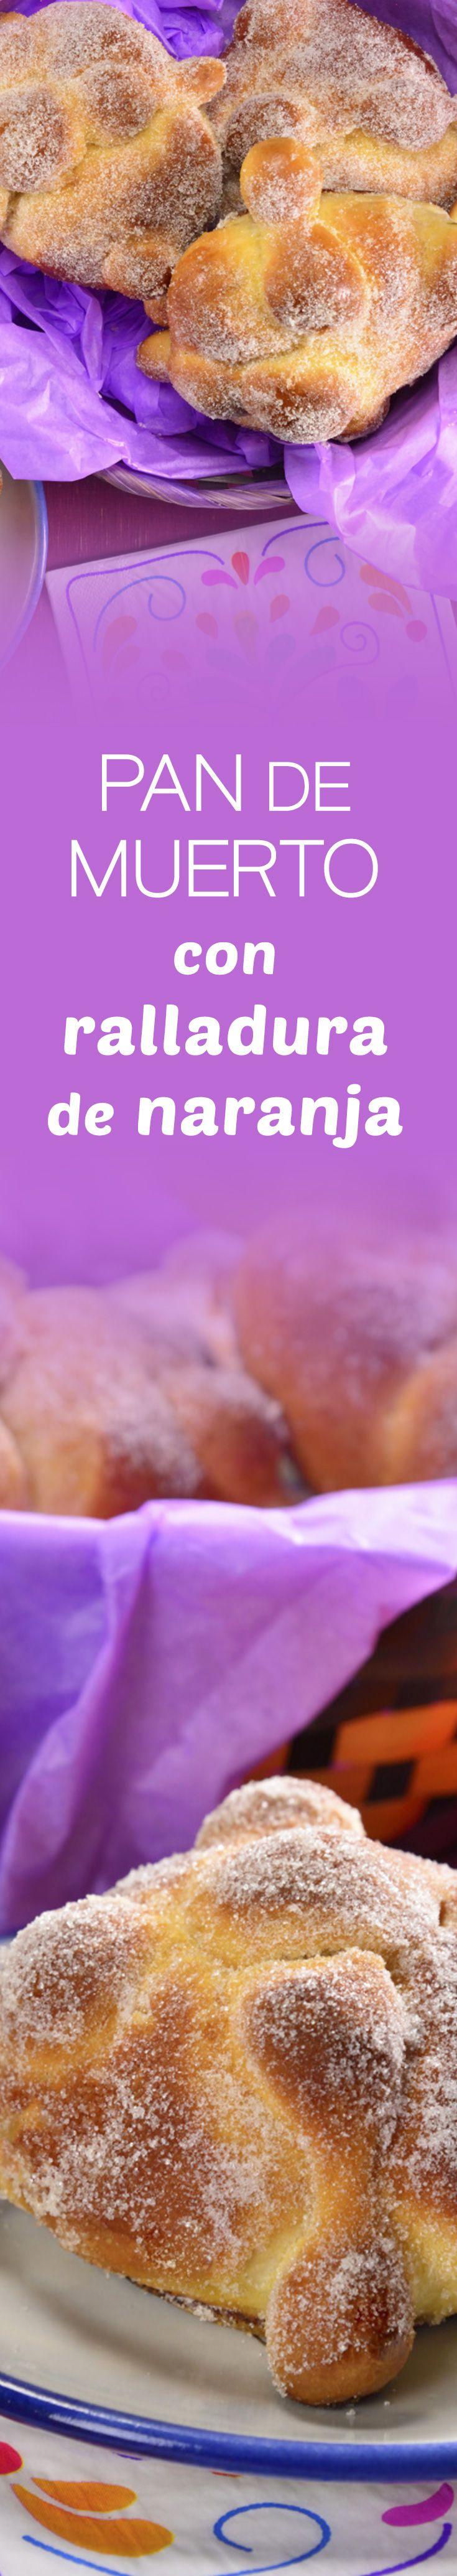 Prepara este tradicional y esponjosito pan de muerto para las fiestas de día de muertos con rico sabor a naranja y escarchado de azúcar que te encantará.